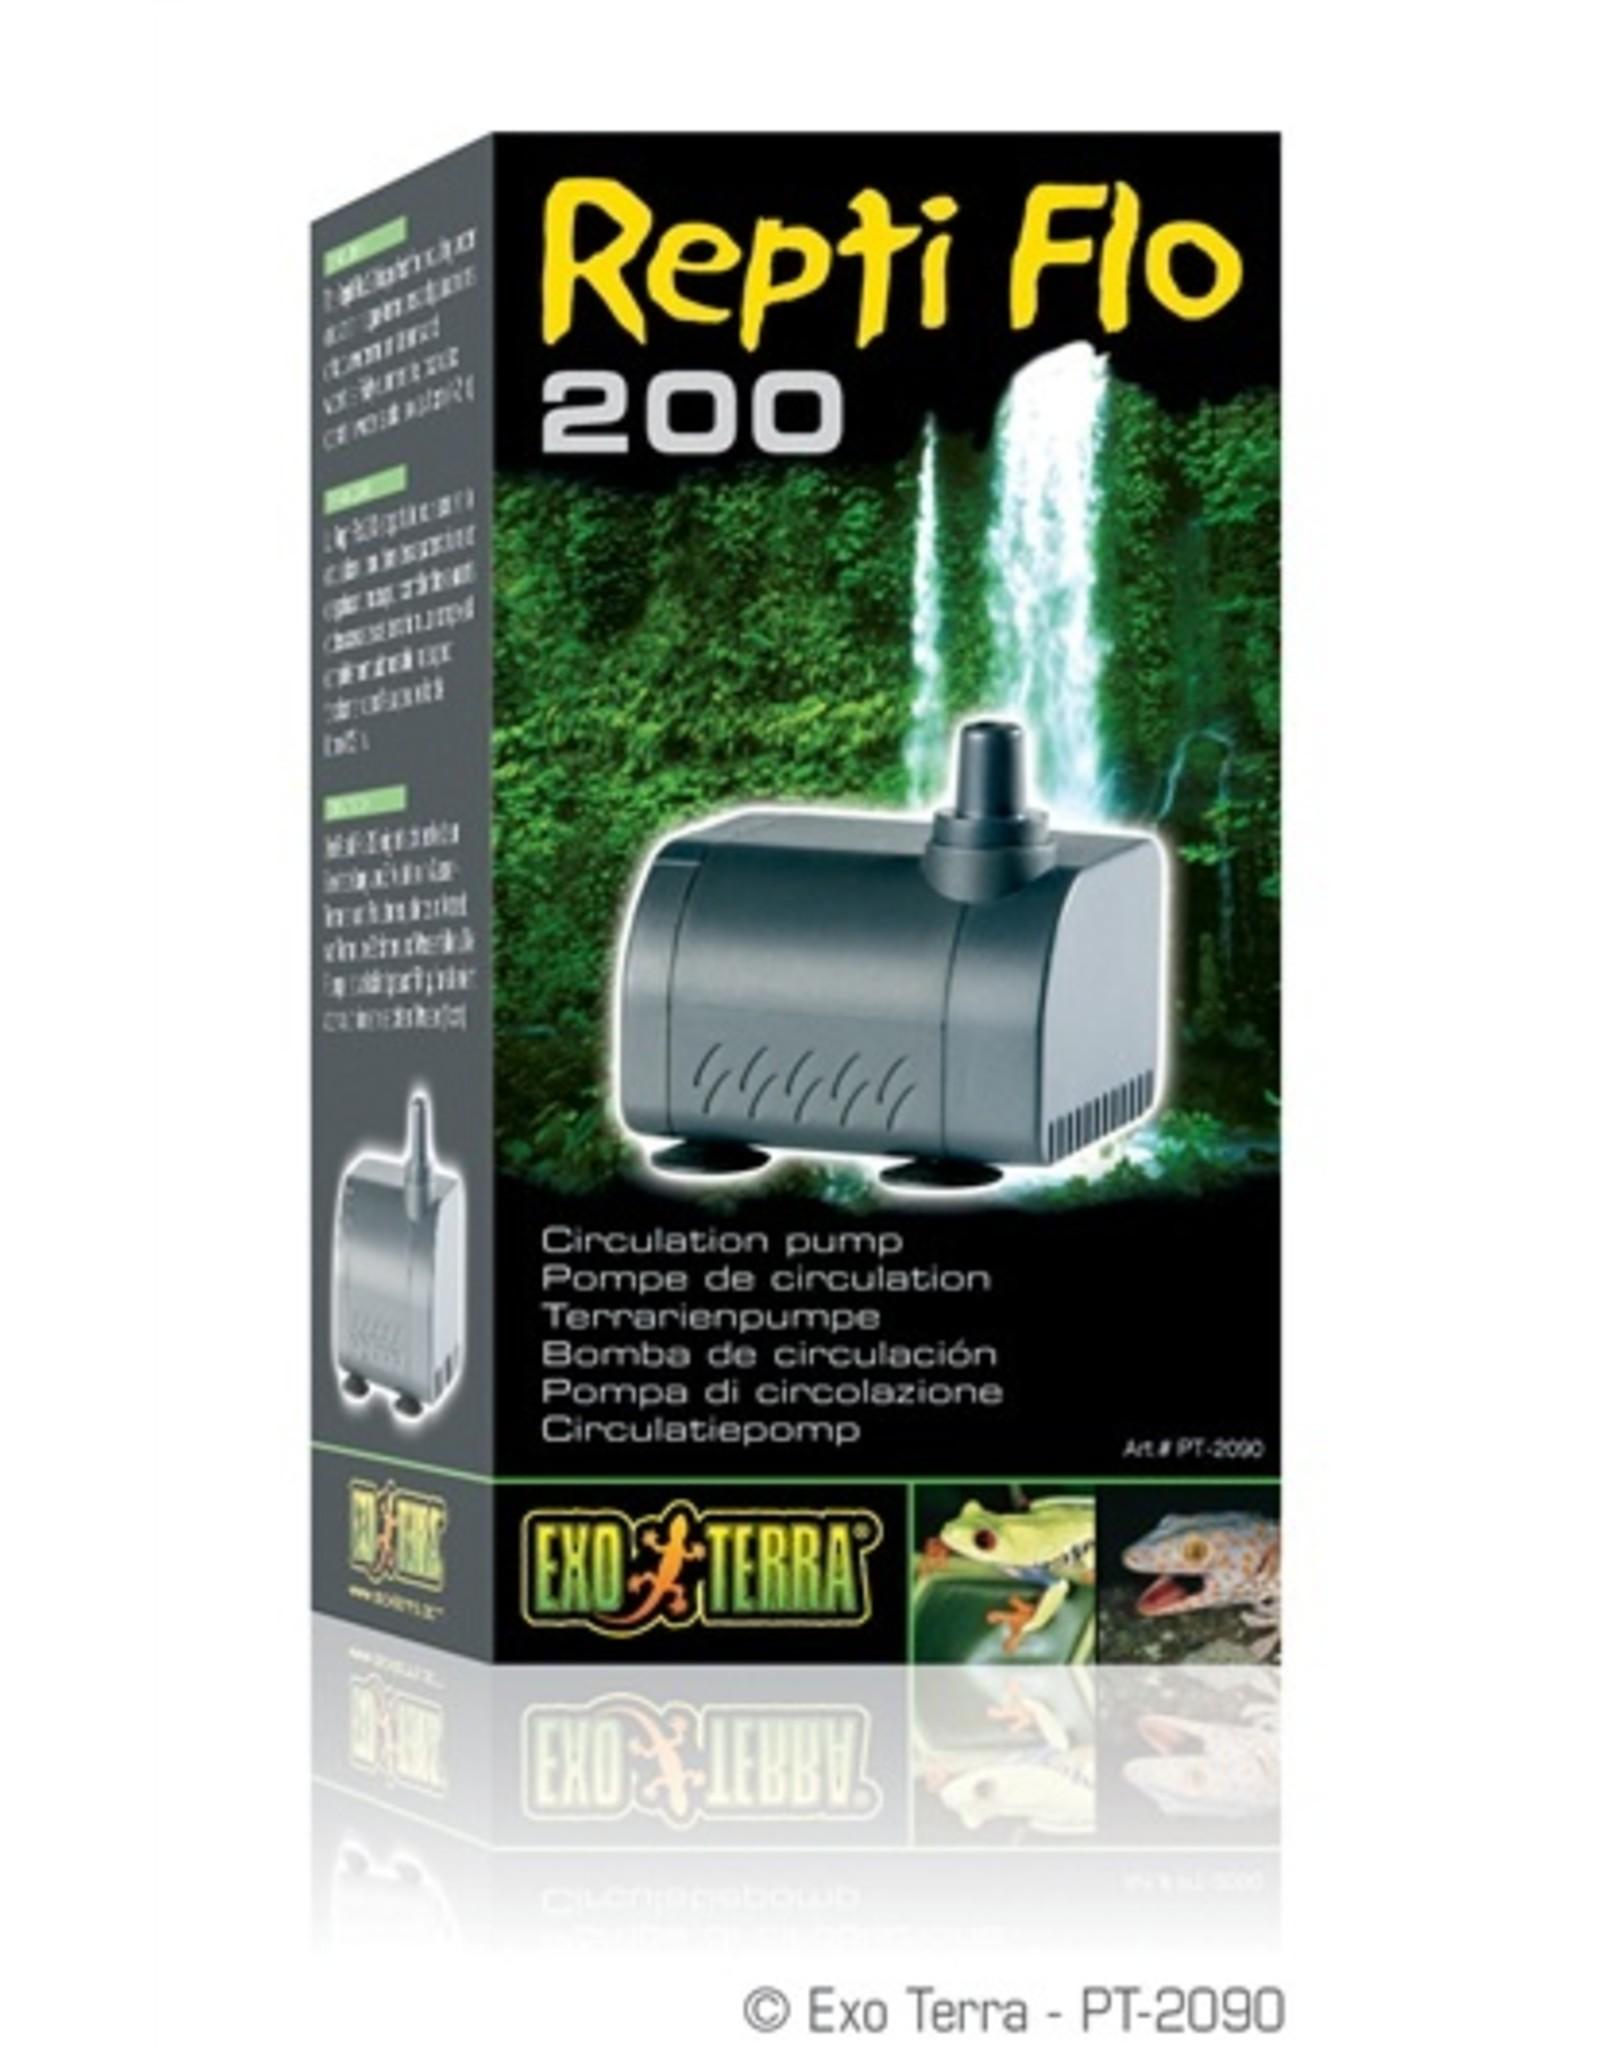 Exo Terra EXO TERRA Repti-Flo 200 Circulation Pump